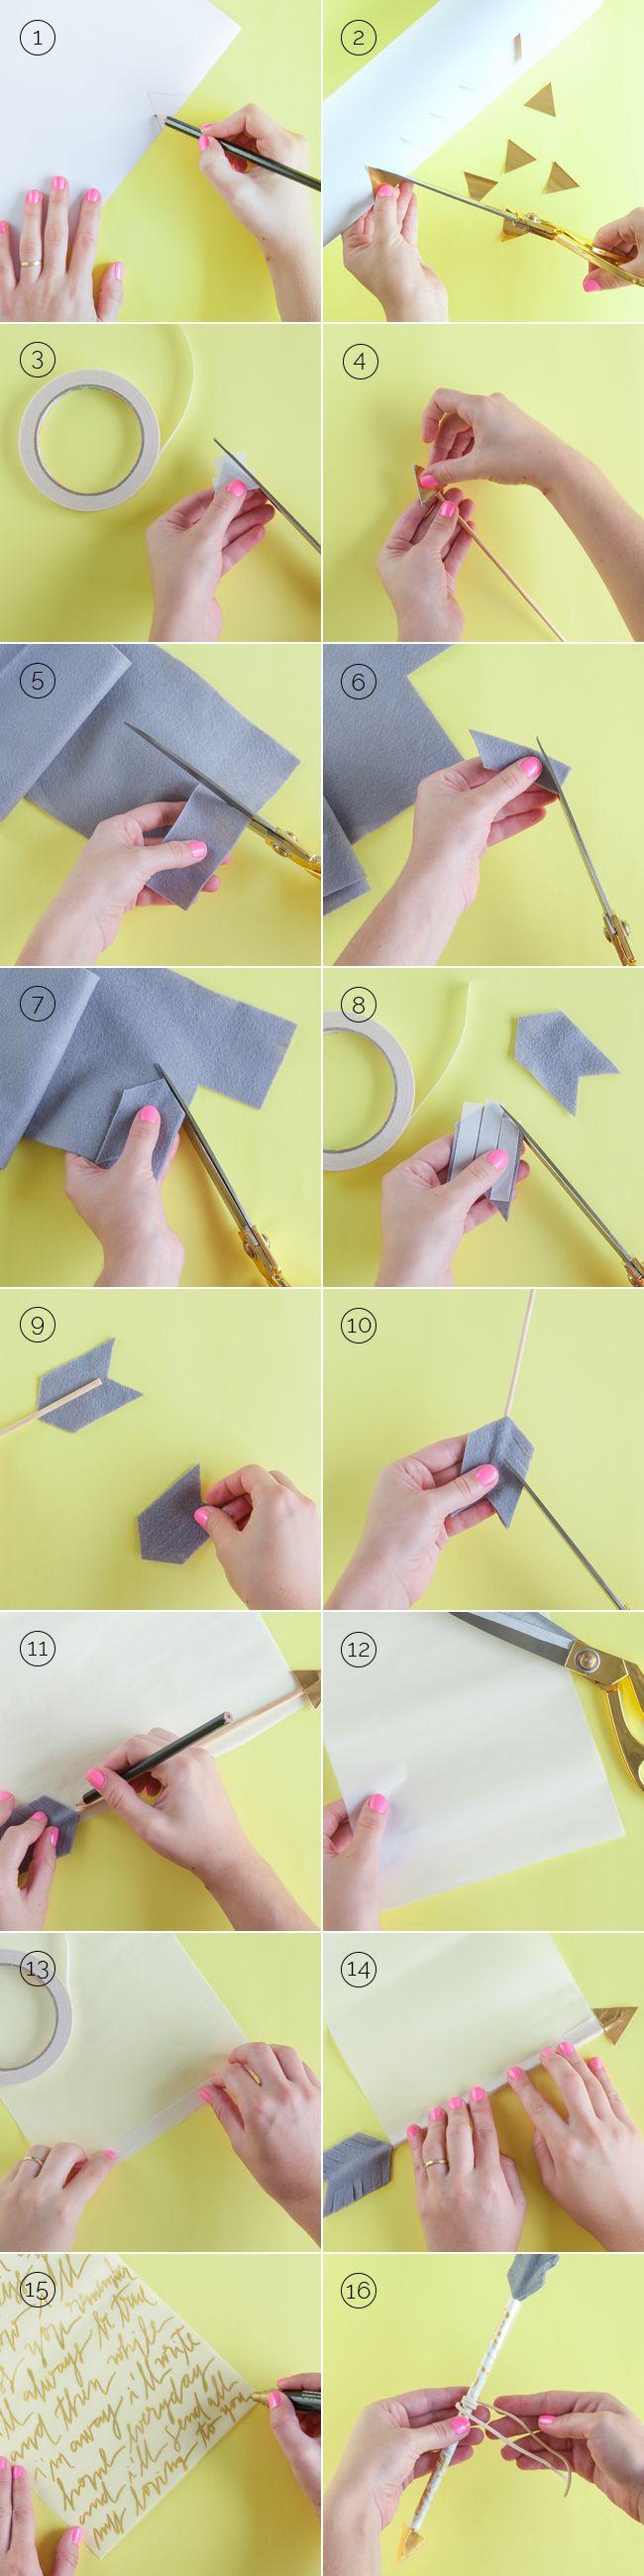 Passo a passo para fazer uma flecha de cupido com mensagem para namorados